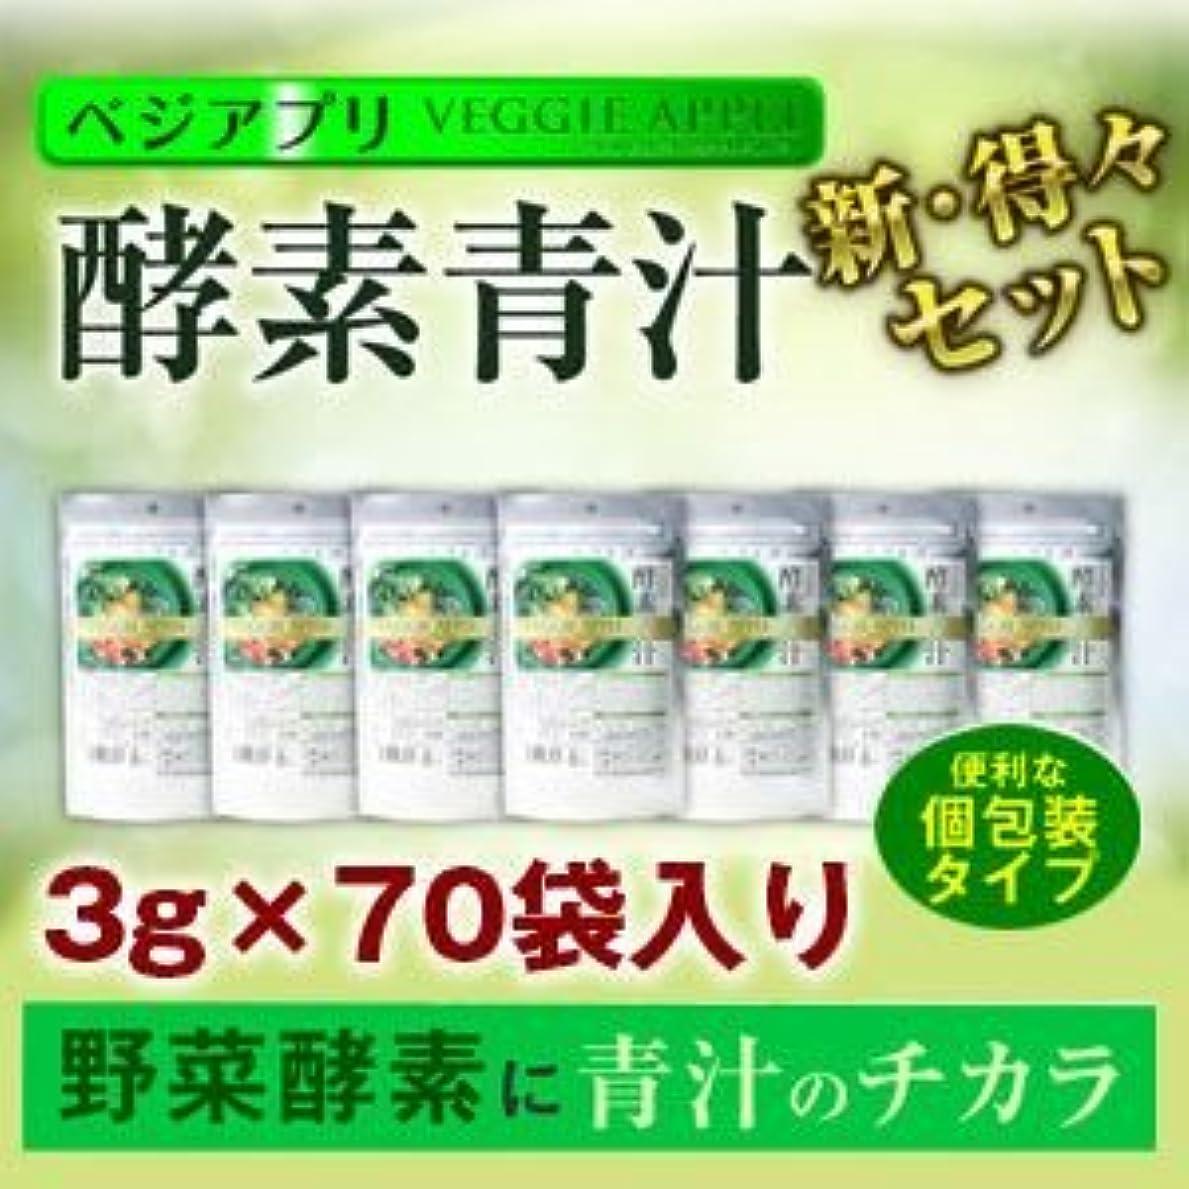 取得する皮スーパーベジアプリ 酵素青汁 得々セット70袋入り(置き換えダイエット酵素ドリンク)